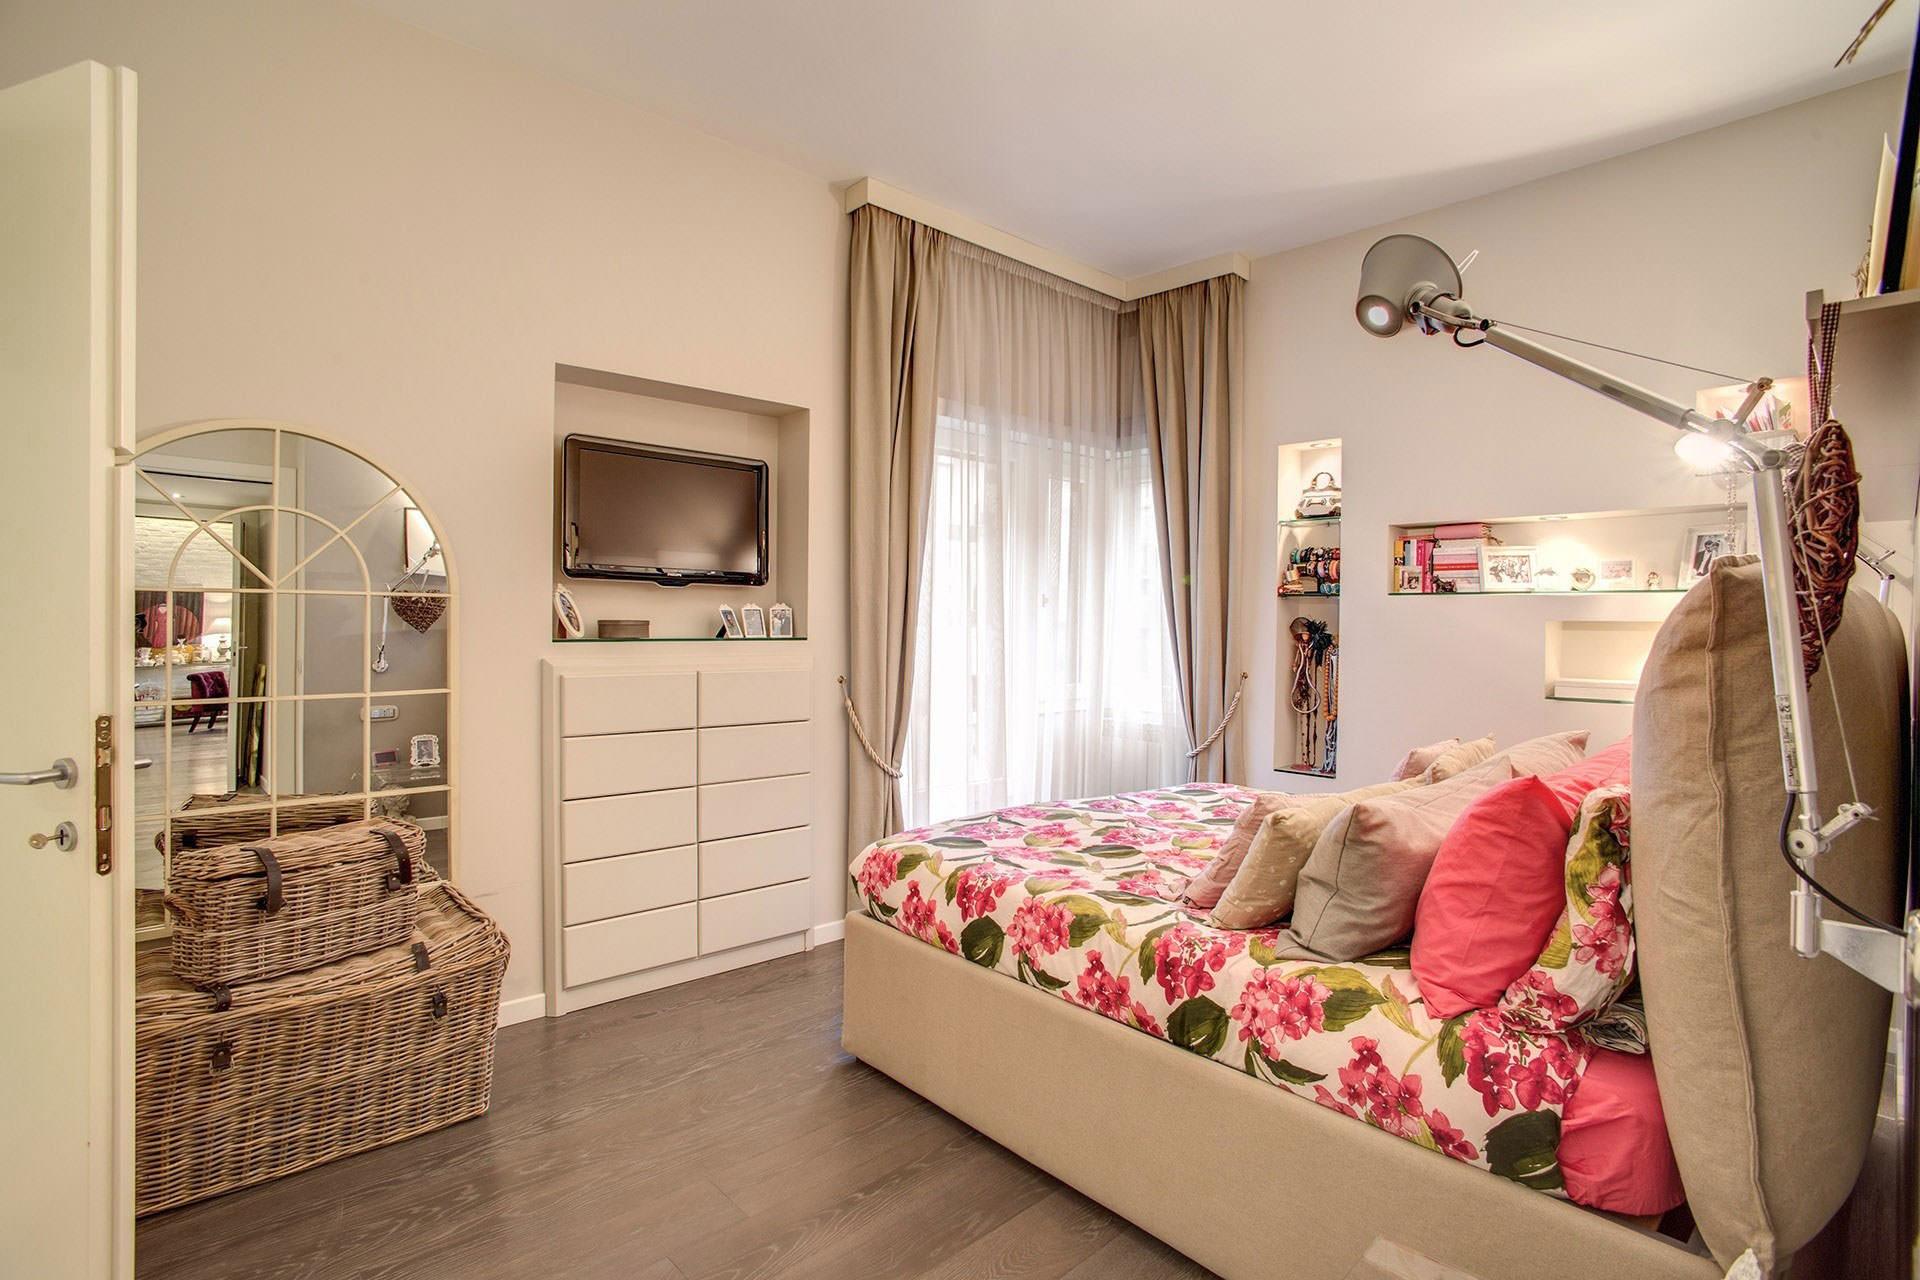 komforten-apartament-sas-sempal-dizain-v-rim-910g